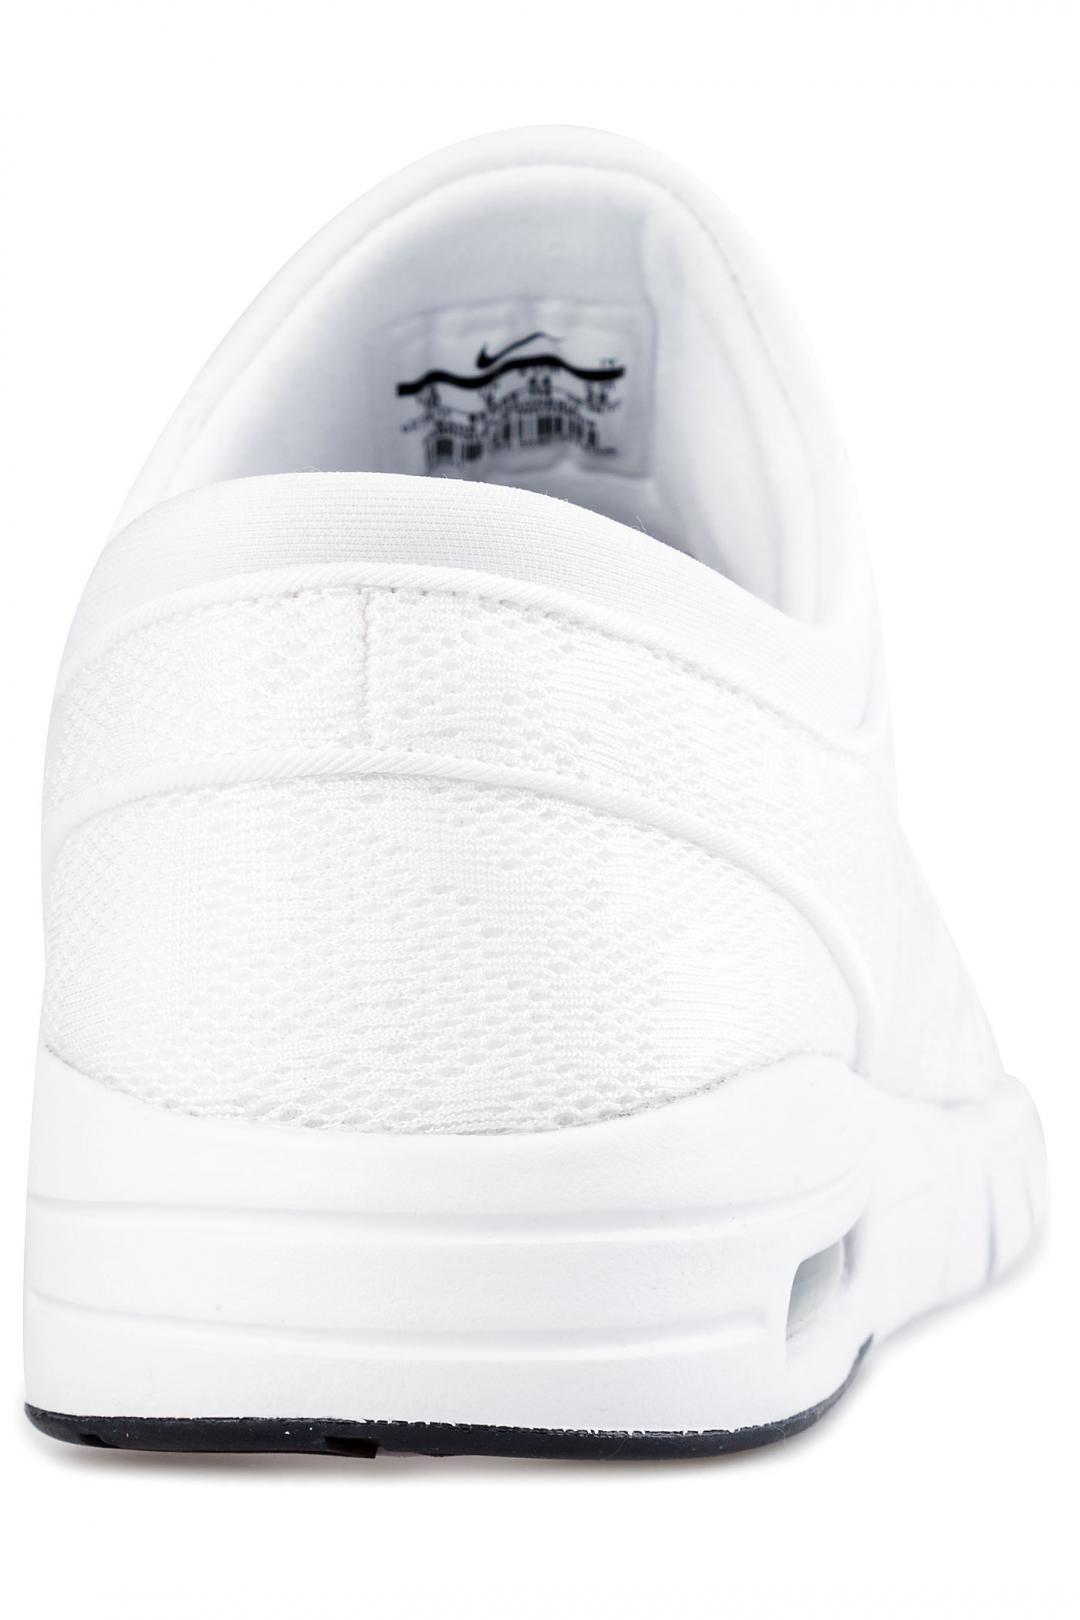 Uomo/Donna Nike SB Stefan Janoski Max white white obsidian   Sneakers low top